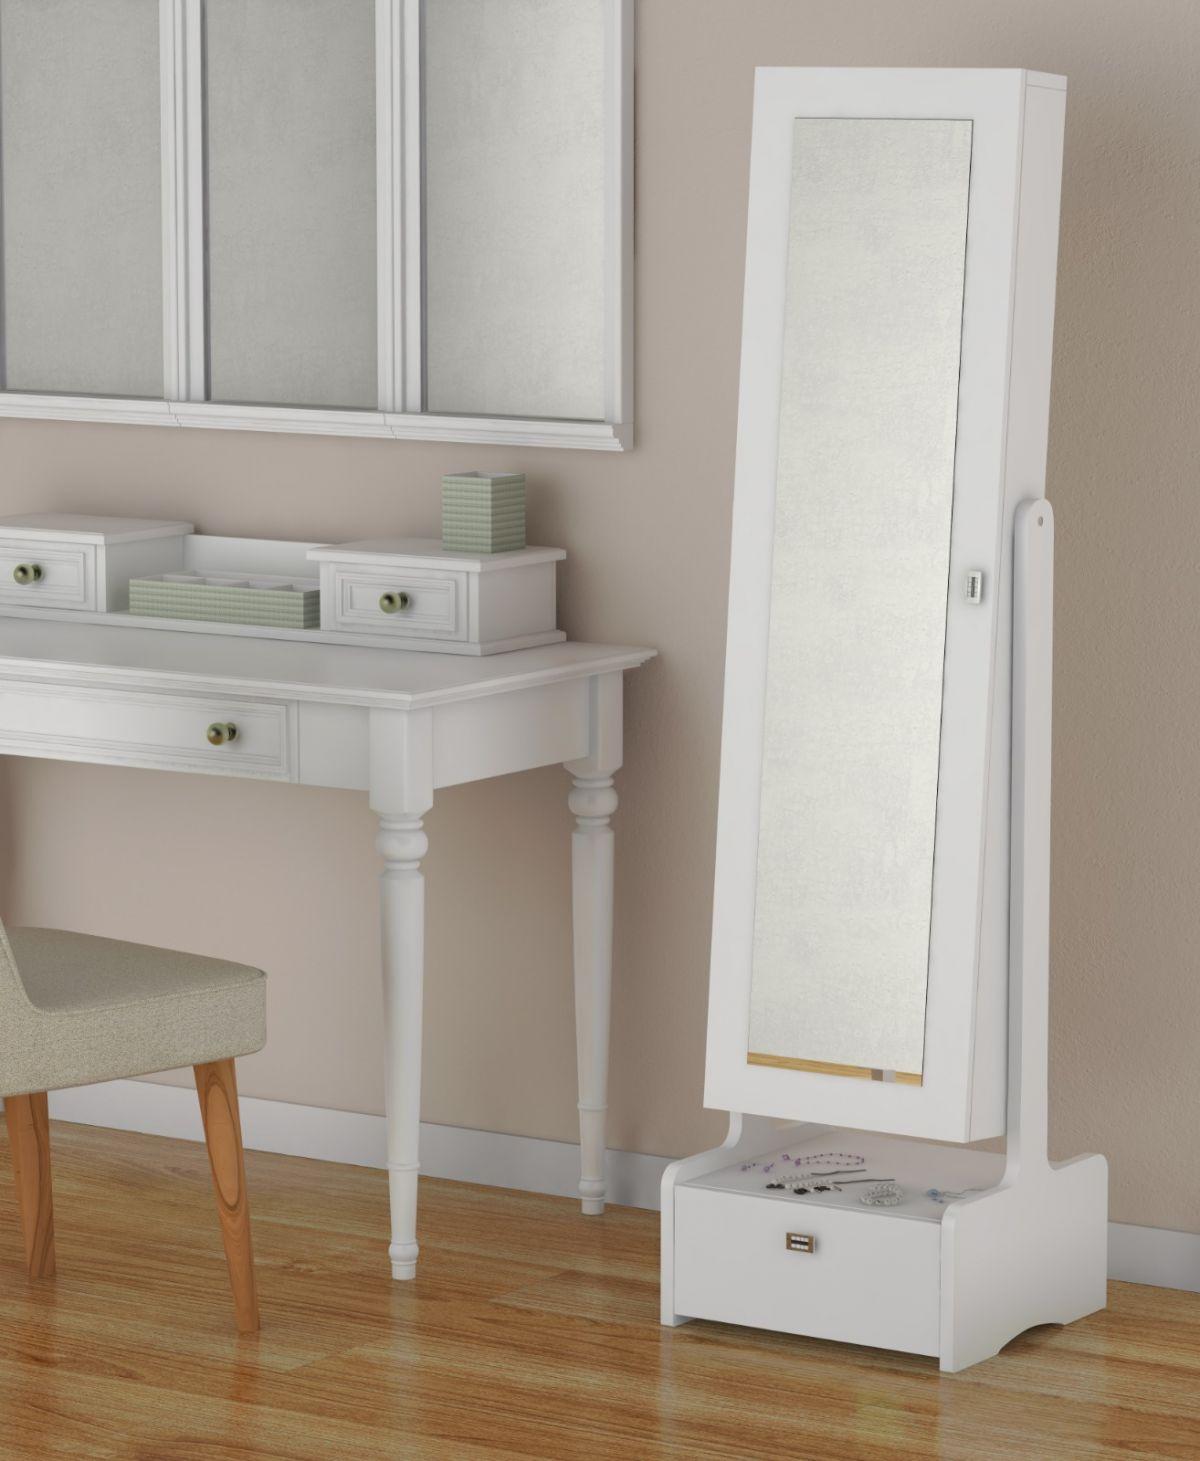 Resigilat: Dulap accesorii cu oglinda si sertar, Ella Homs, alb, 150 x 25 x 41 cm